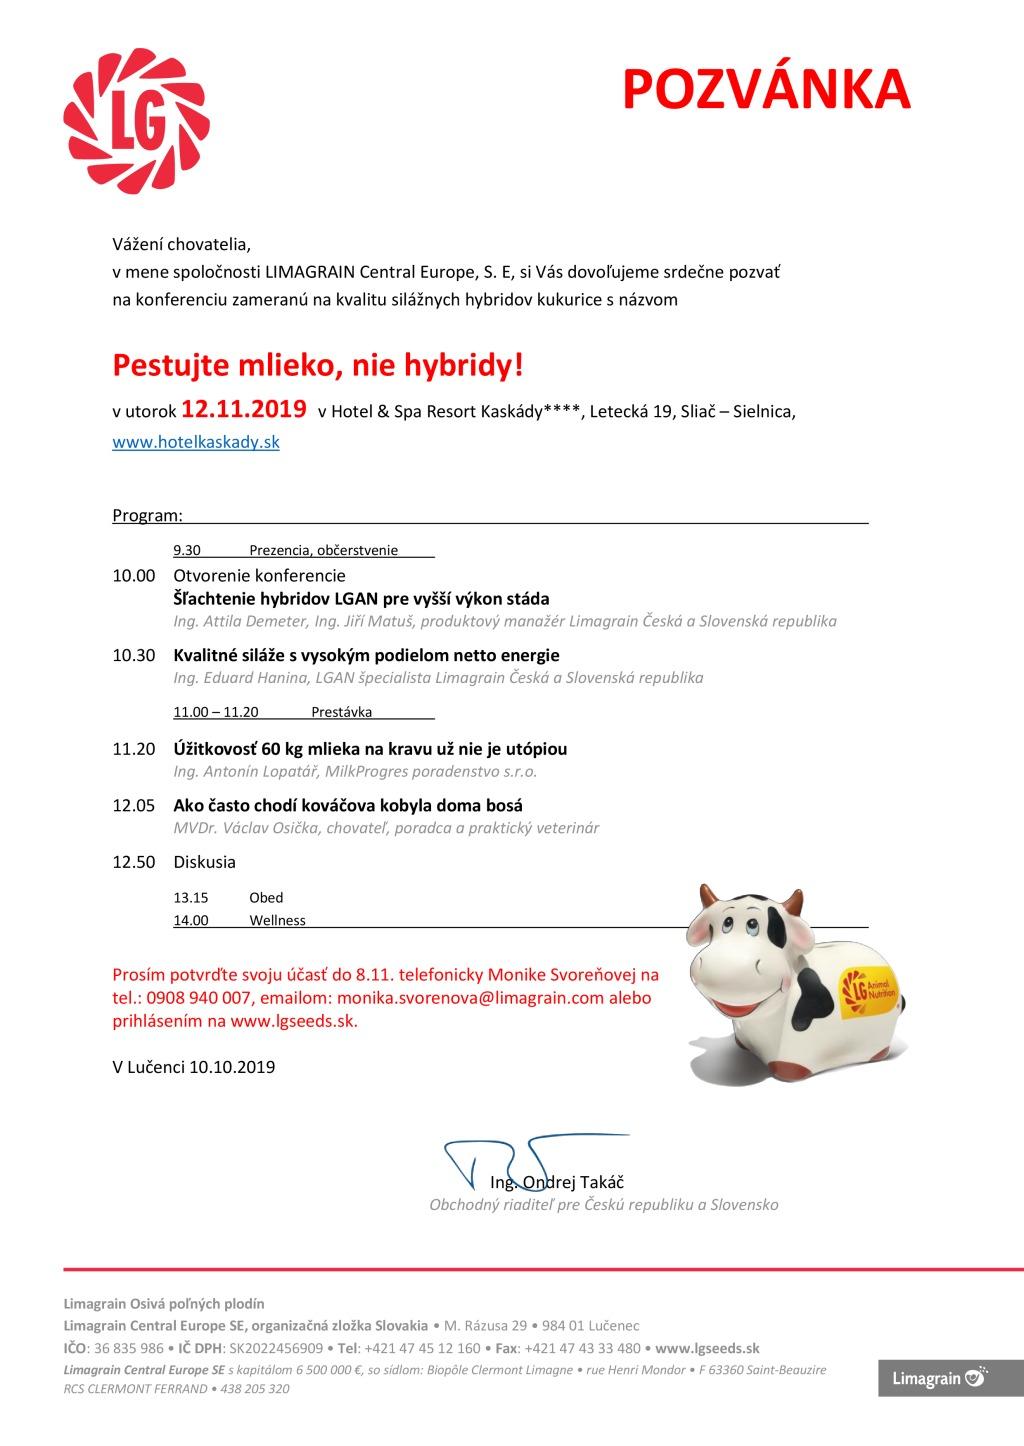 2019 SK pozvánka LGAN konference 1211